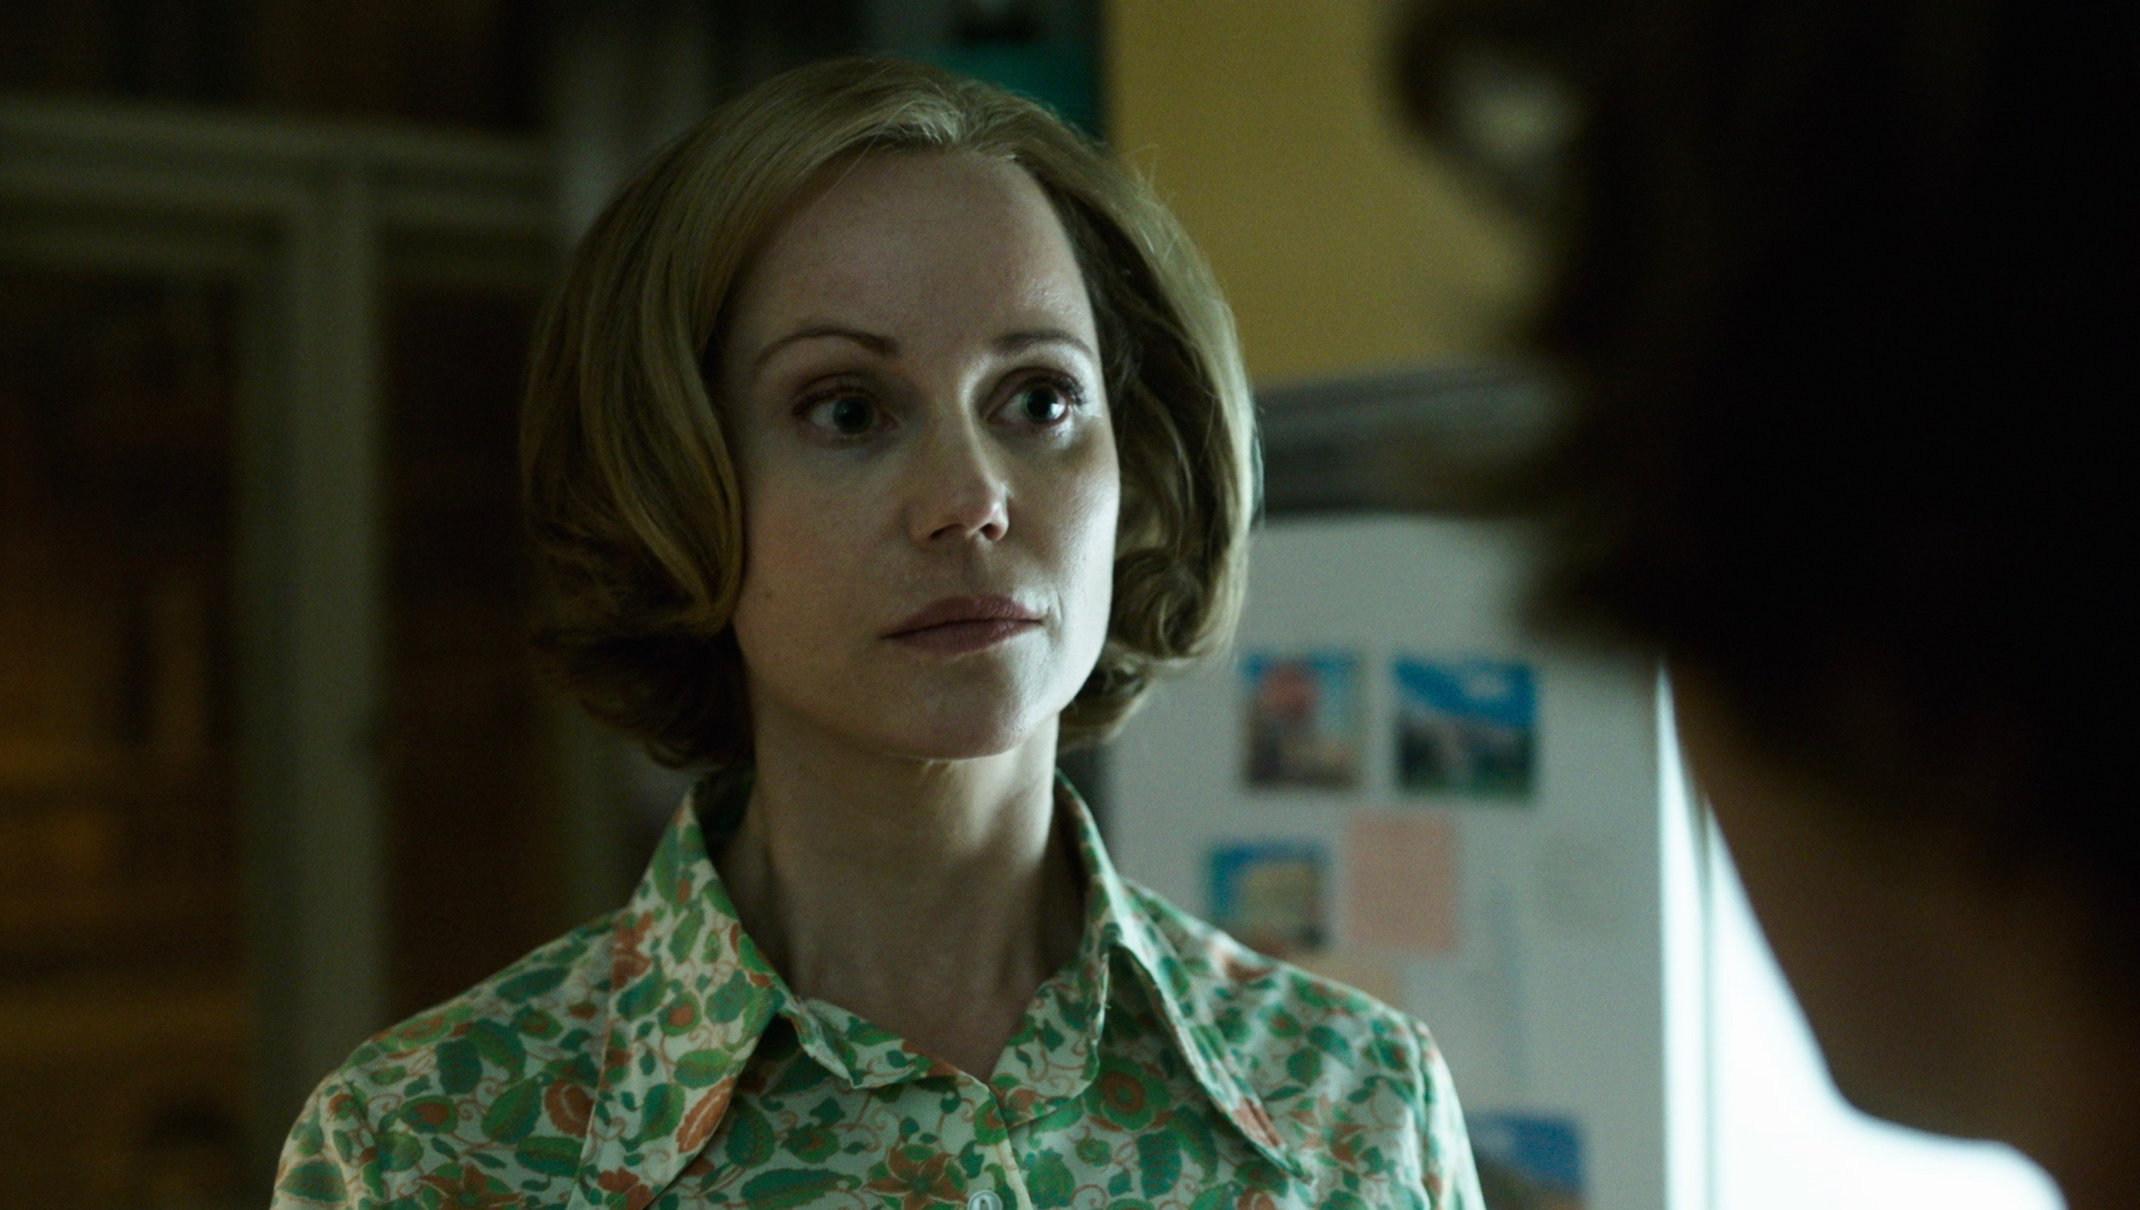 Der Gleiche Himmel - Sofia Helin als Lauren Faber - Regie Oliver Hirschbiegel - Kamera Judith Kaufmann.